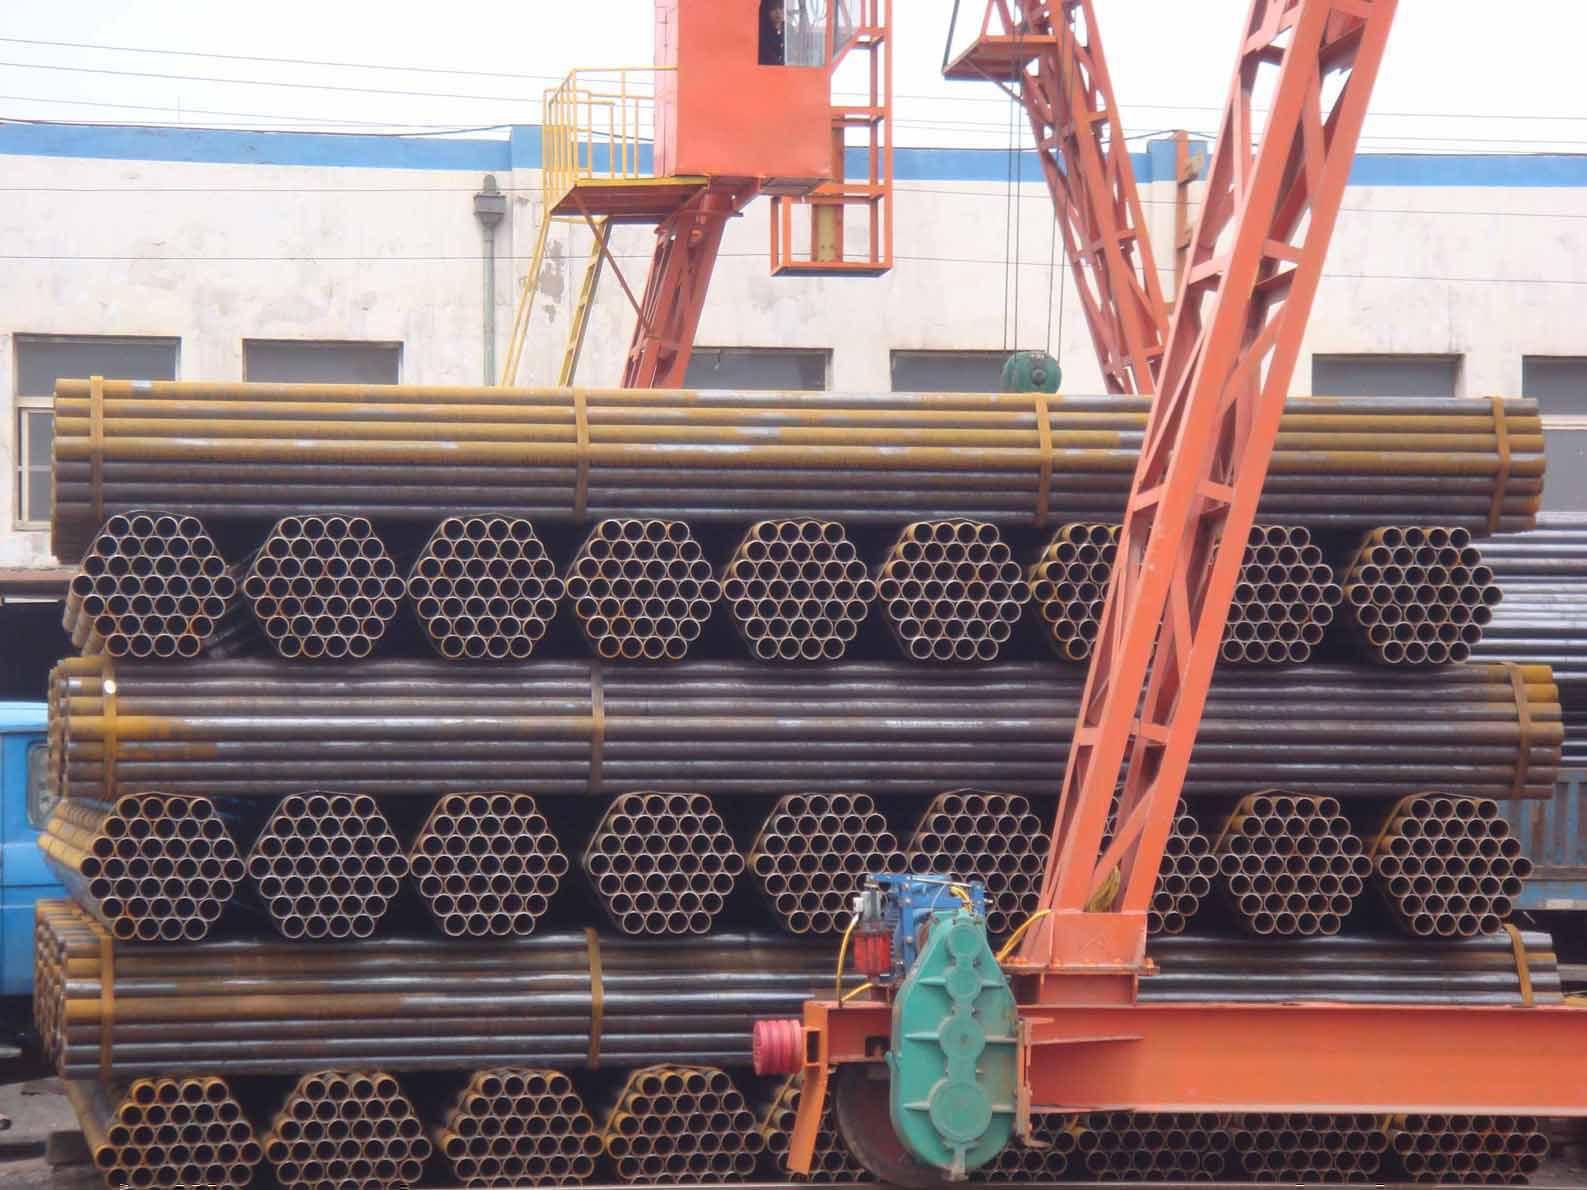 上海薄壁焊管价格 3寸焊管销售 厚度2.5mm焊管 北京焊管现货